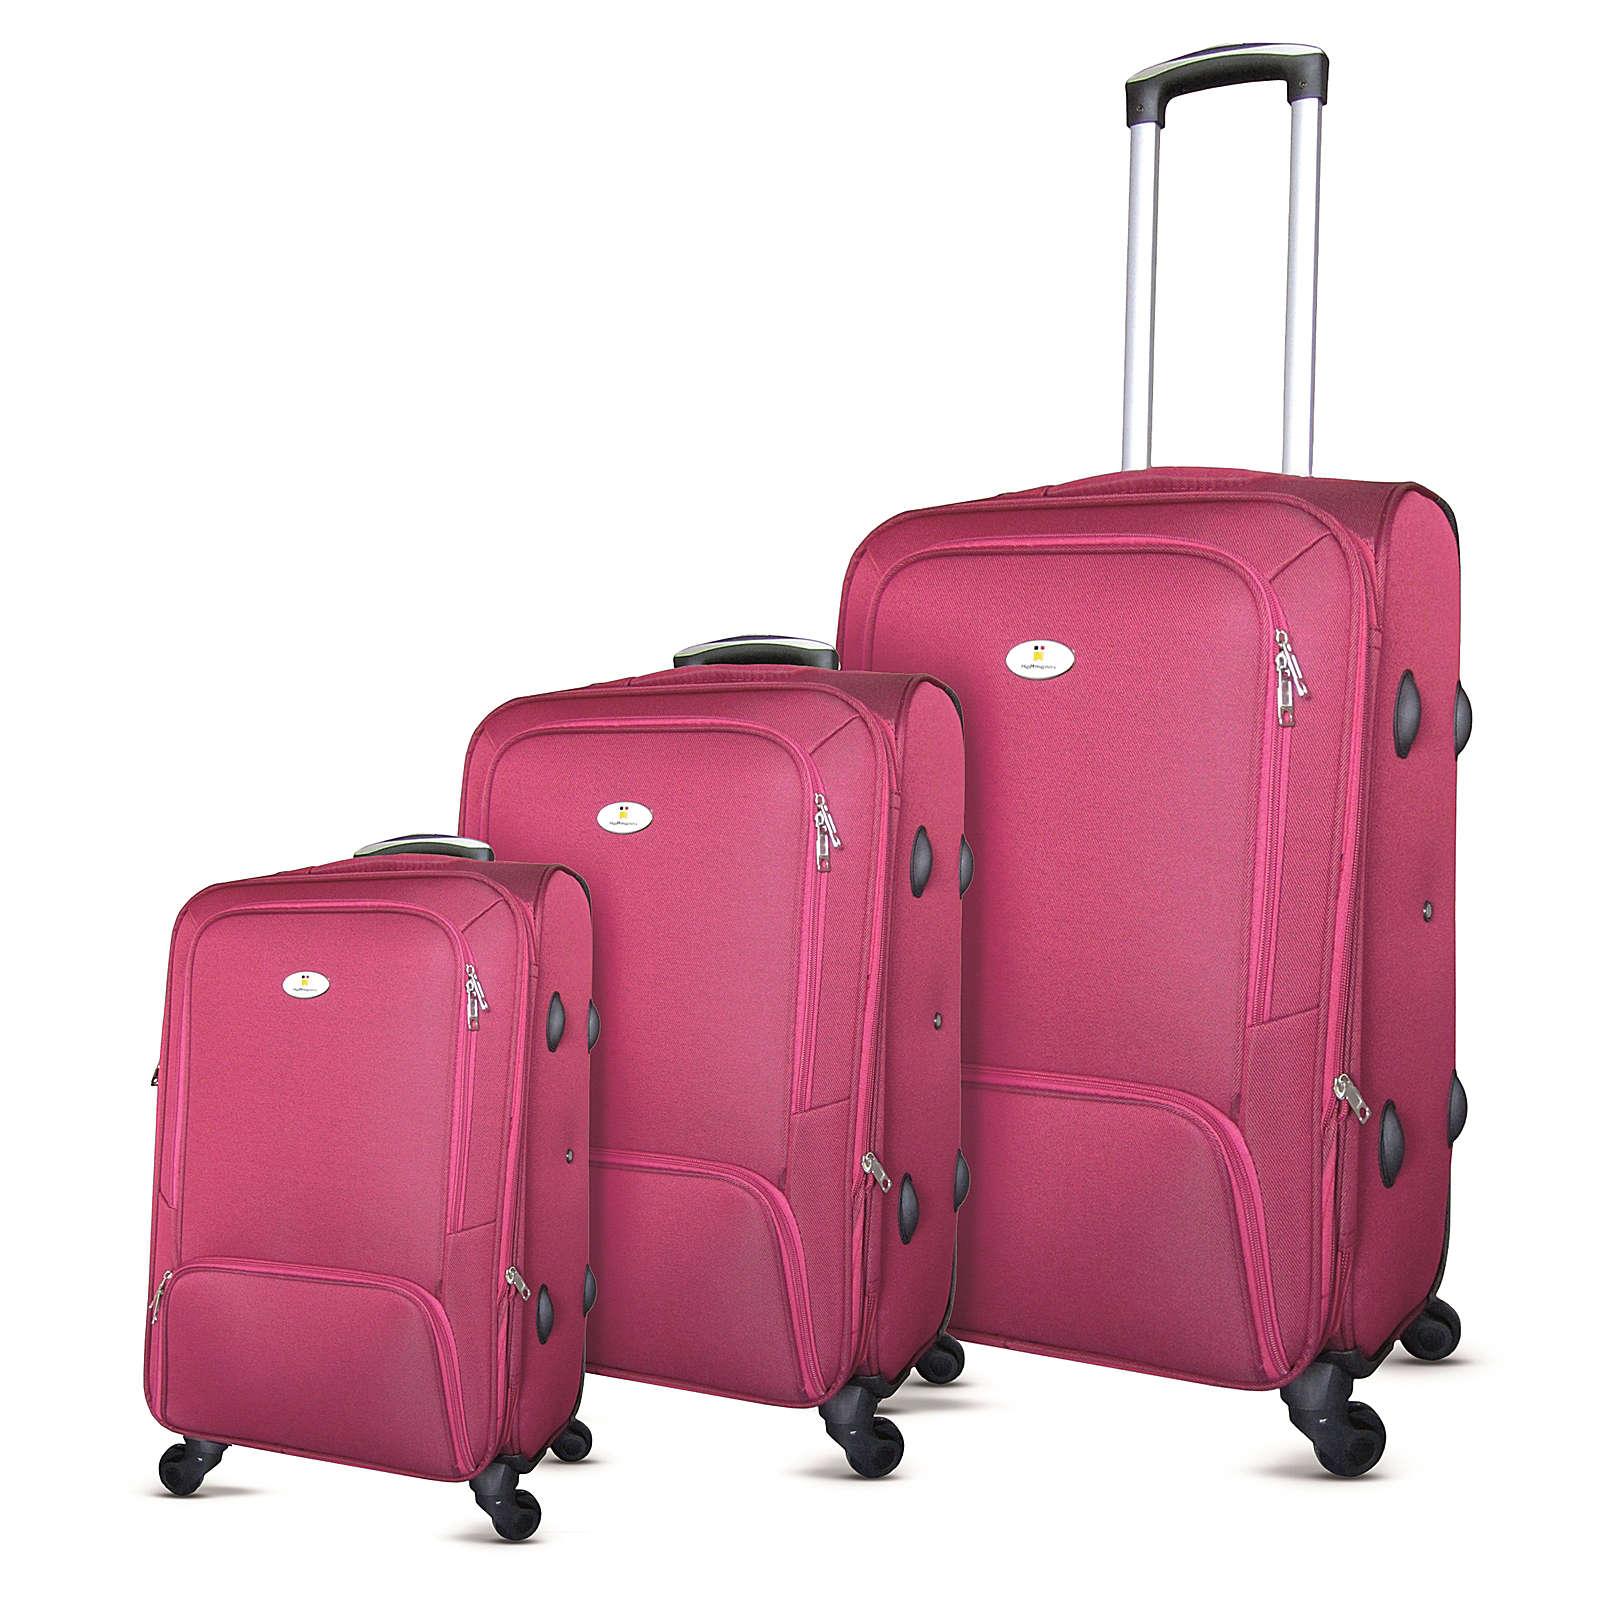 HTI-Living Reisekofferset 3-teilig Stoff Koffer klein: 55 x 34 x 25 cm, Koffer mittel: 65 x 40 x 28 cm, Koffer groß: 75 x 46 x 31 cm rot